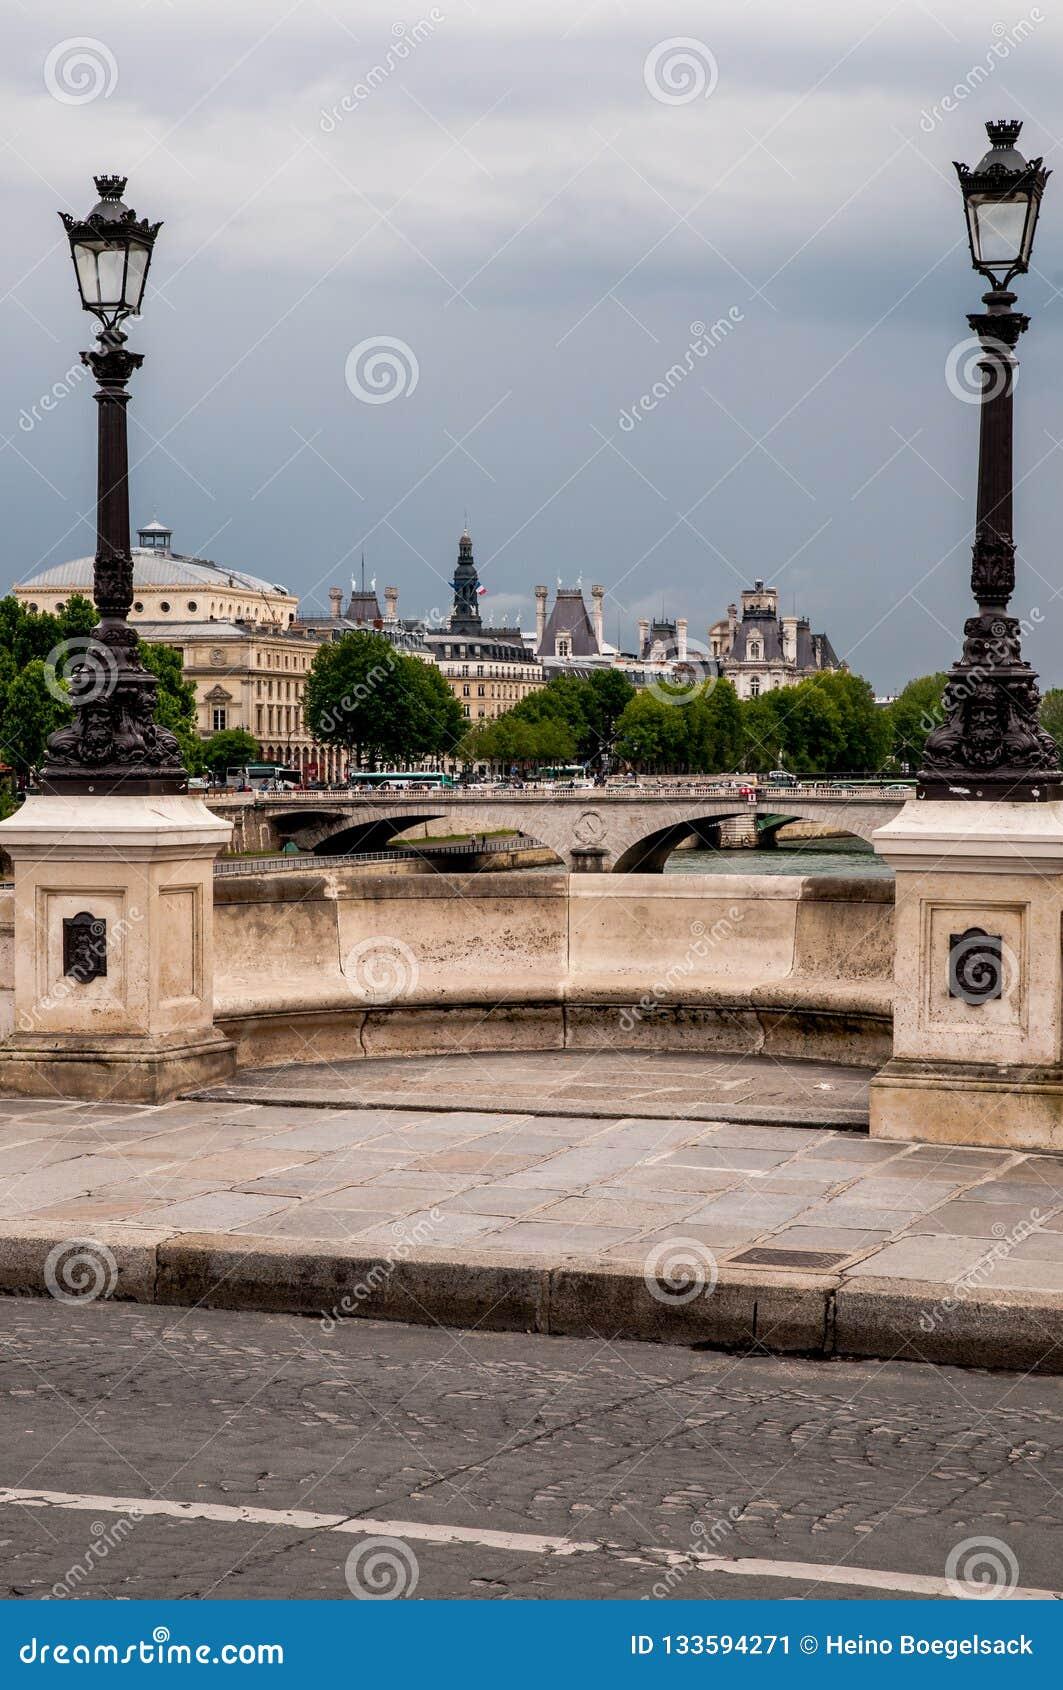 Zegen-bruggen in Parijs